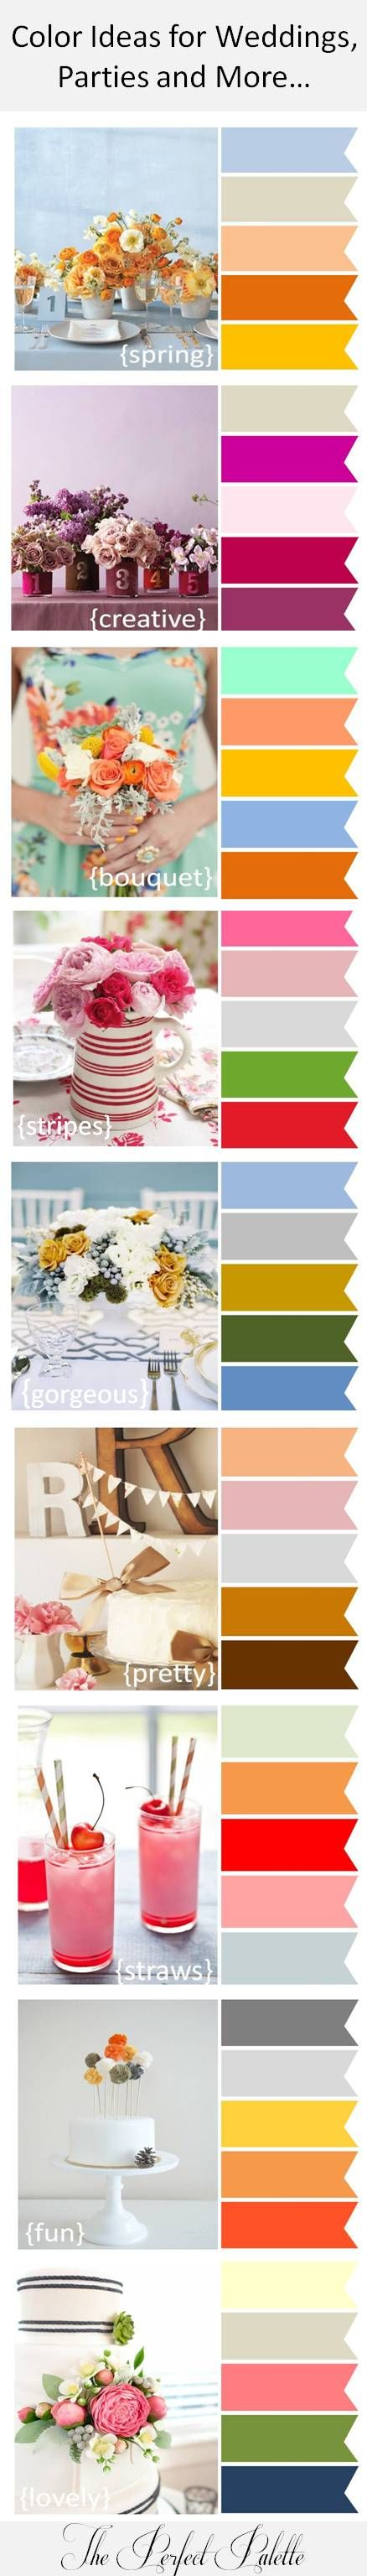 cores para festas